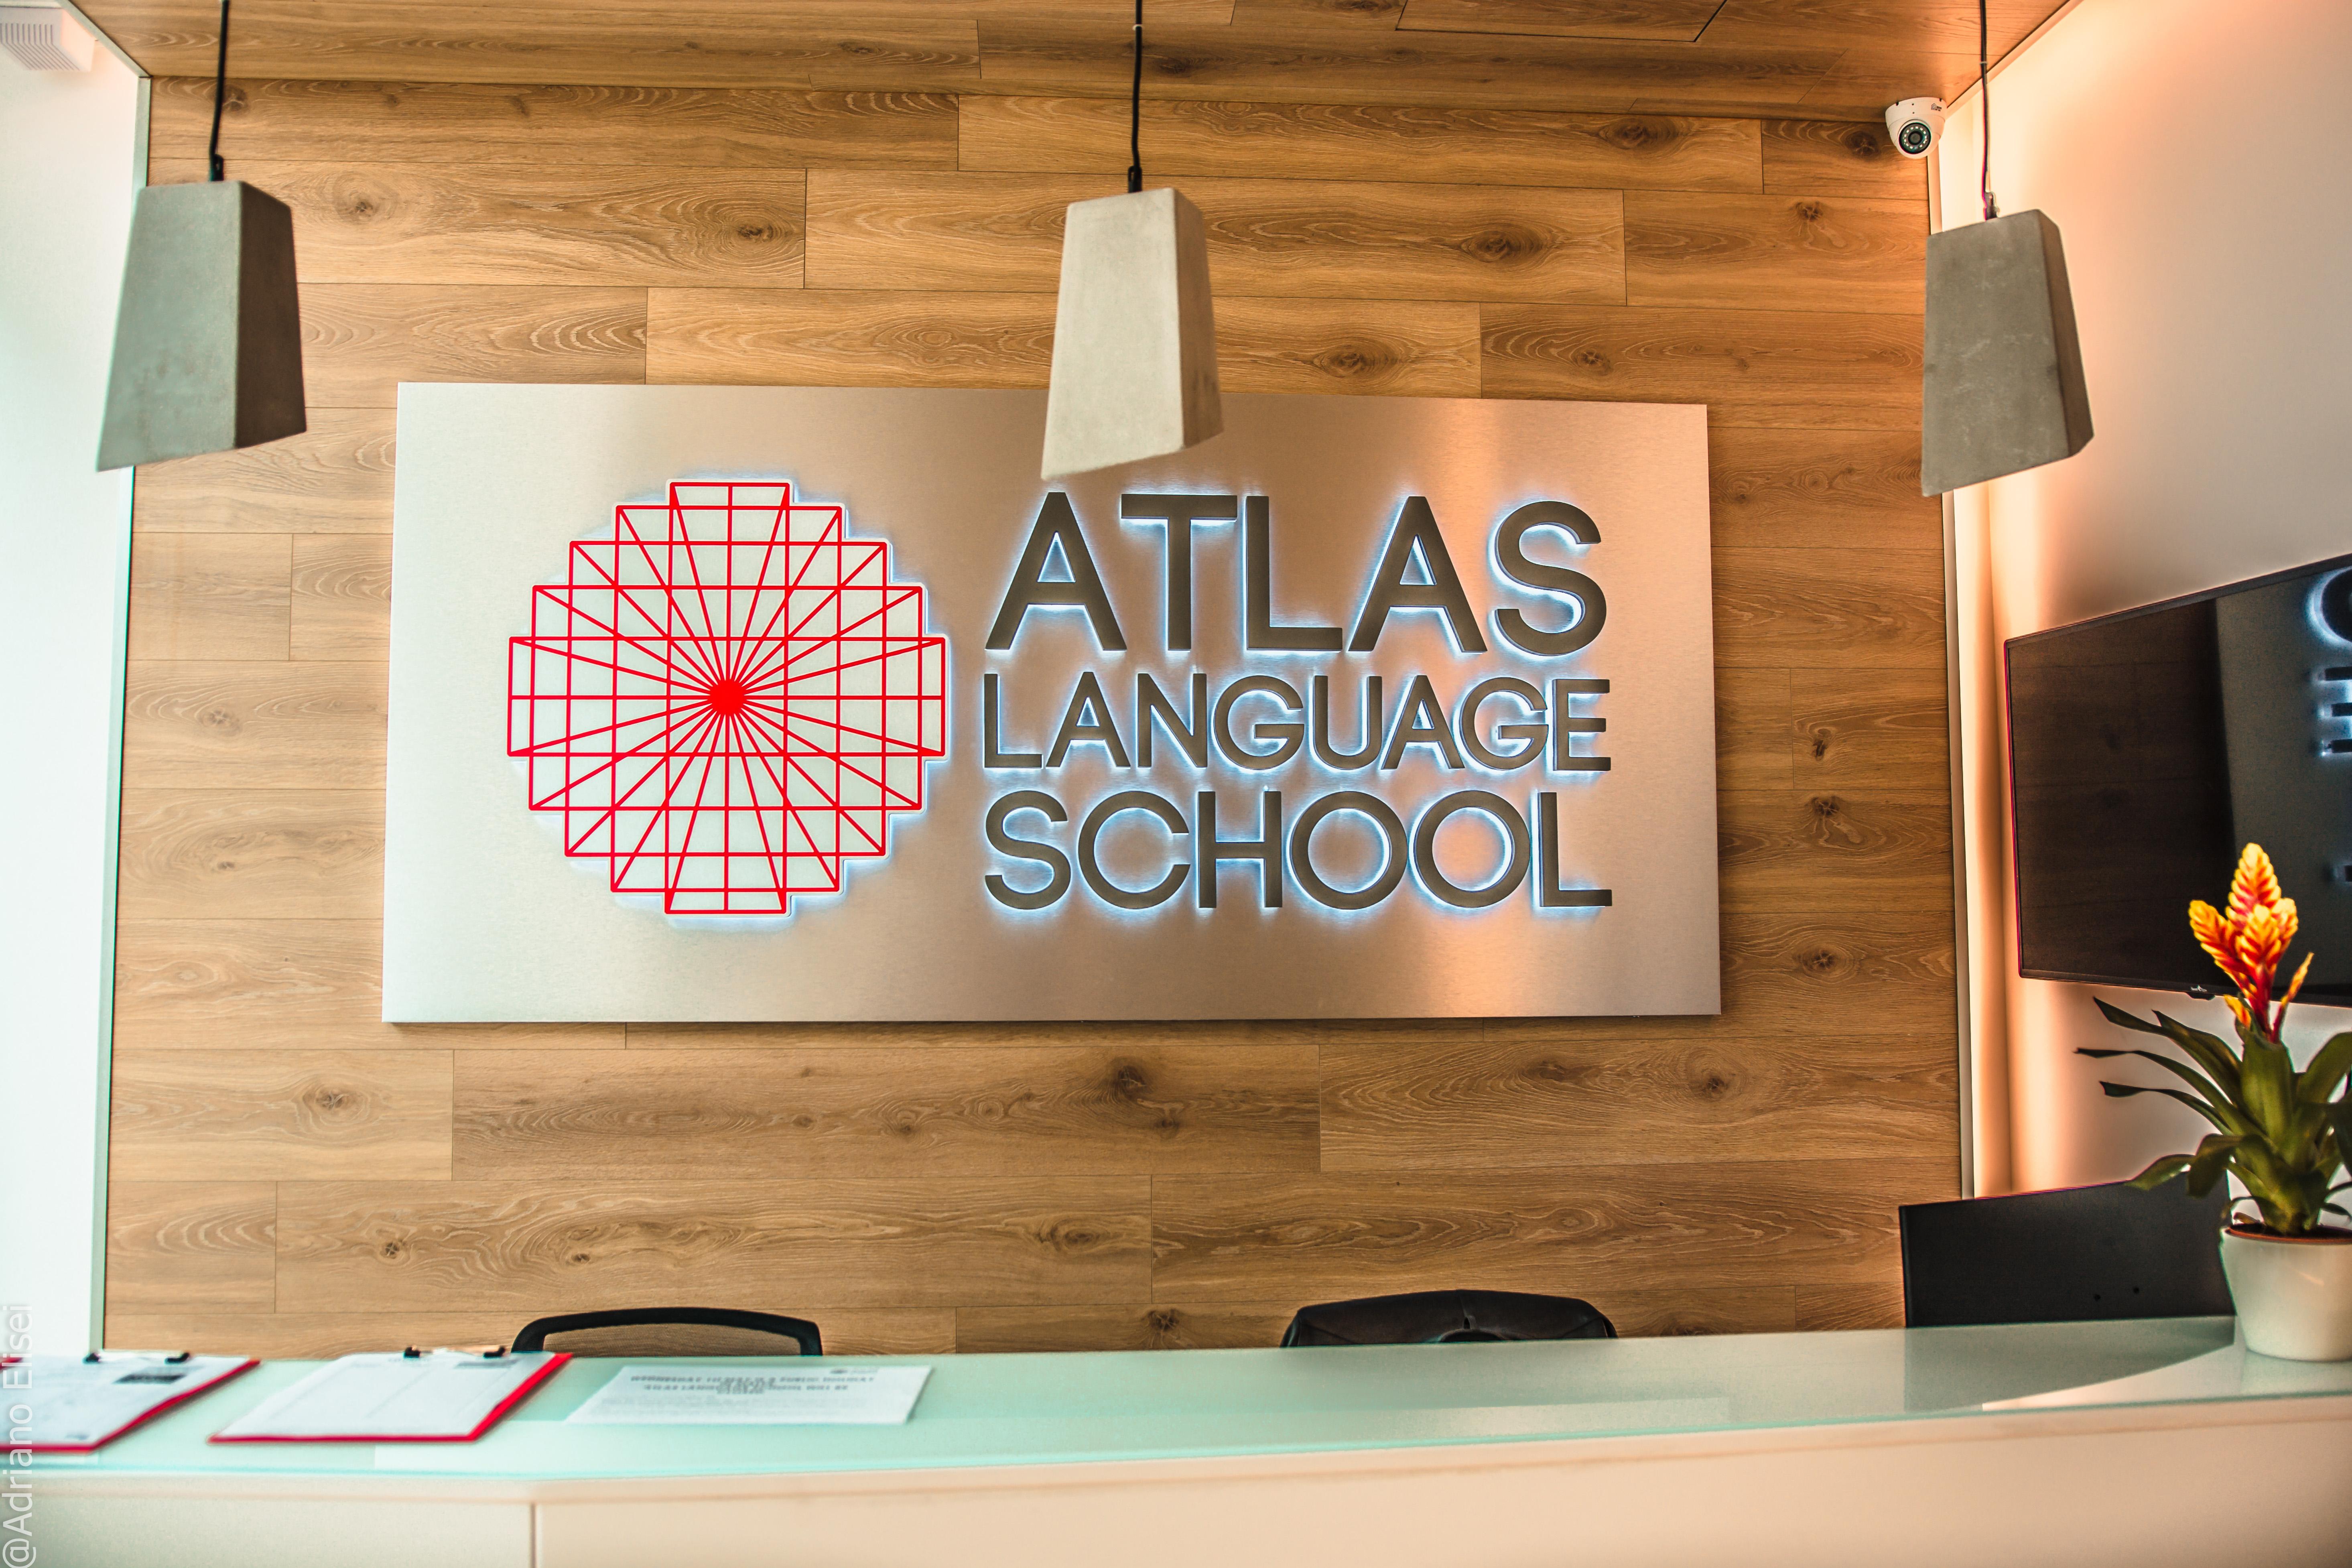 馬爾他語言學校ATLAS–獲獎最多,最多免費課程的語言學校 (愛爾蘭也有校區)